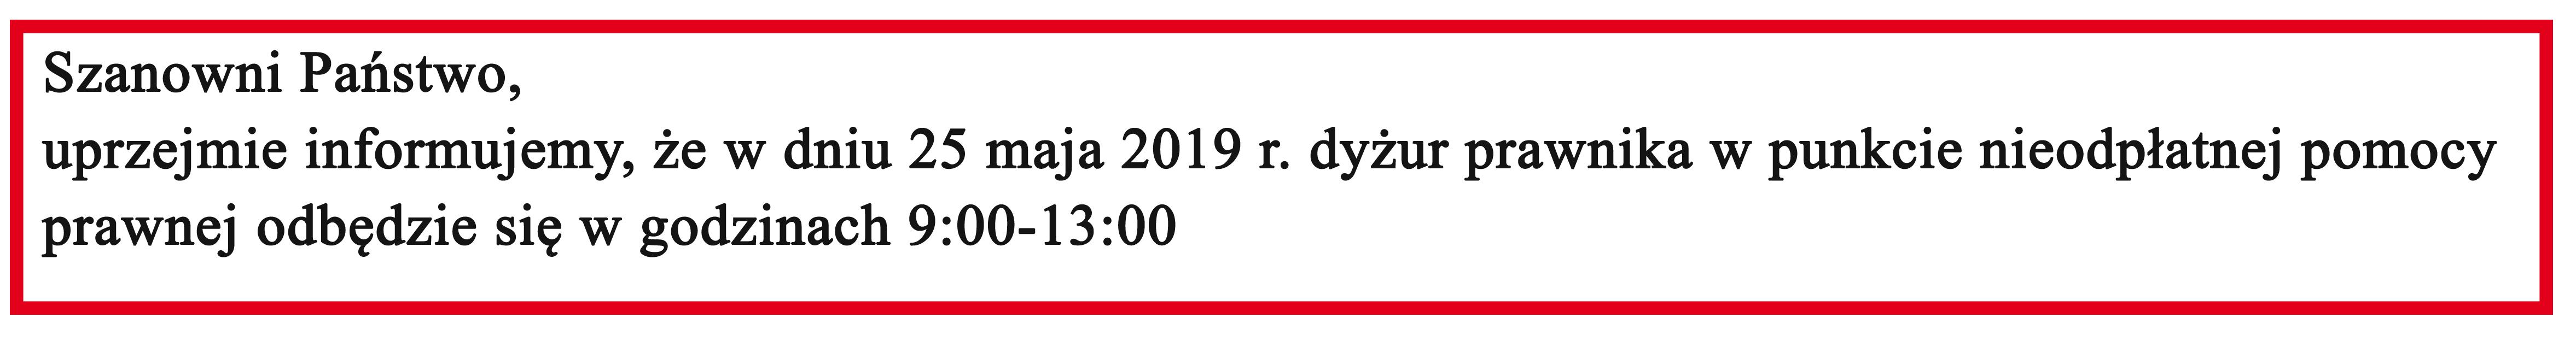 pomoc_prawna_dyzur25maja